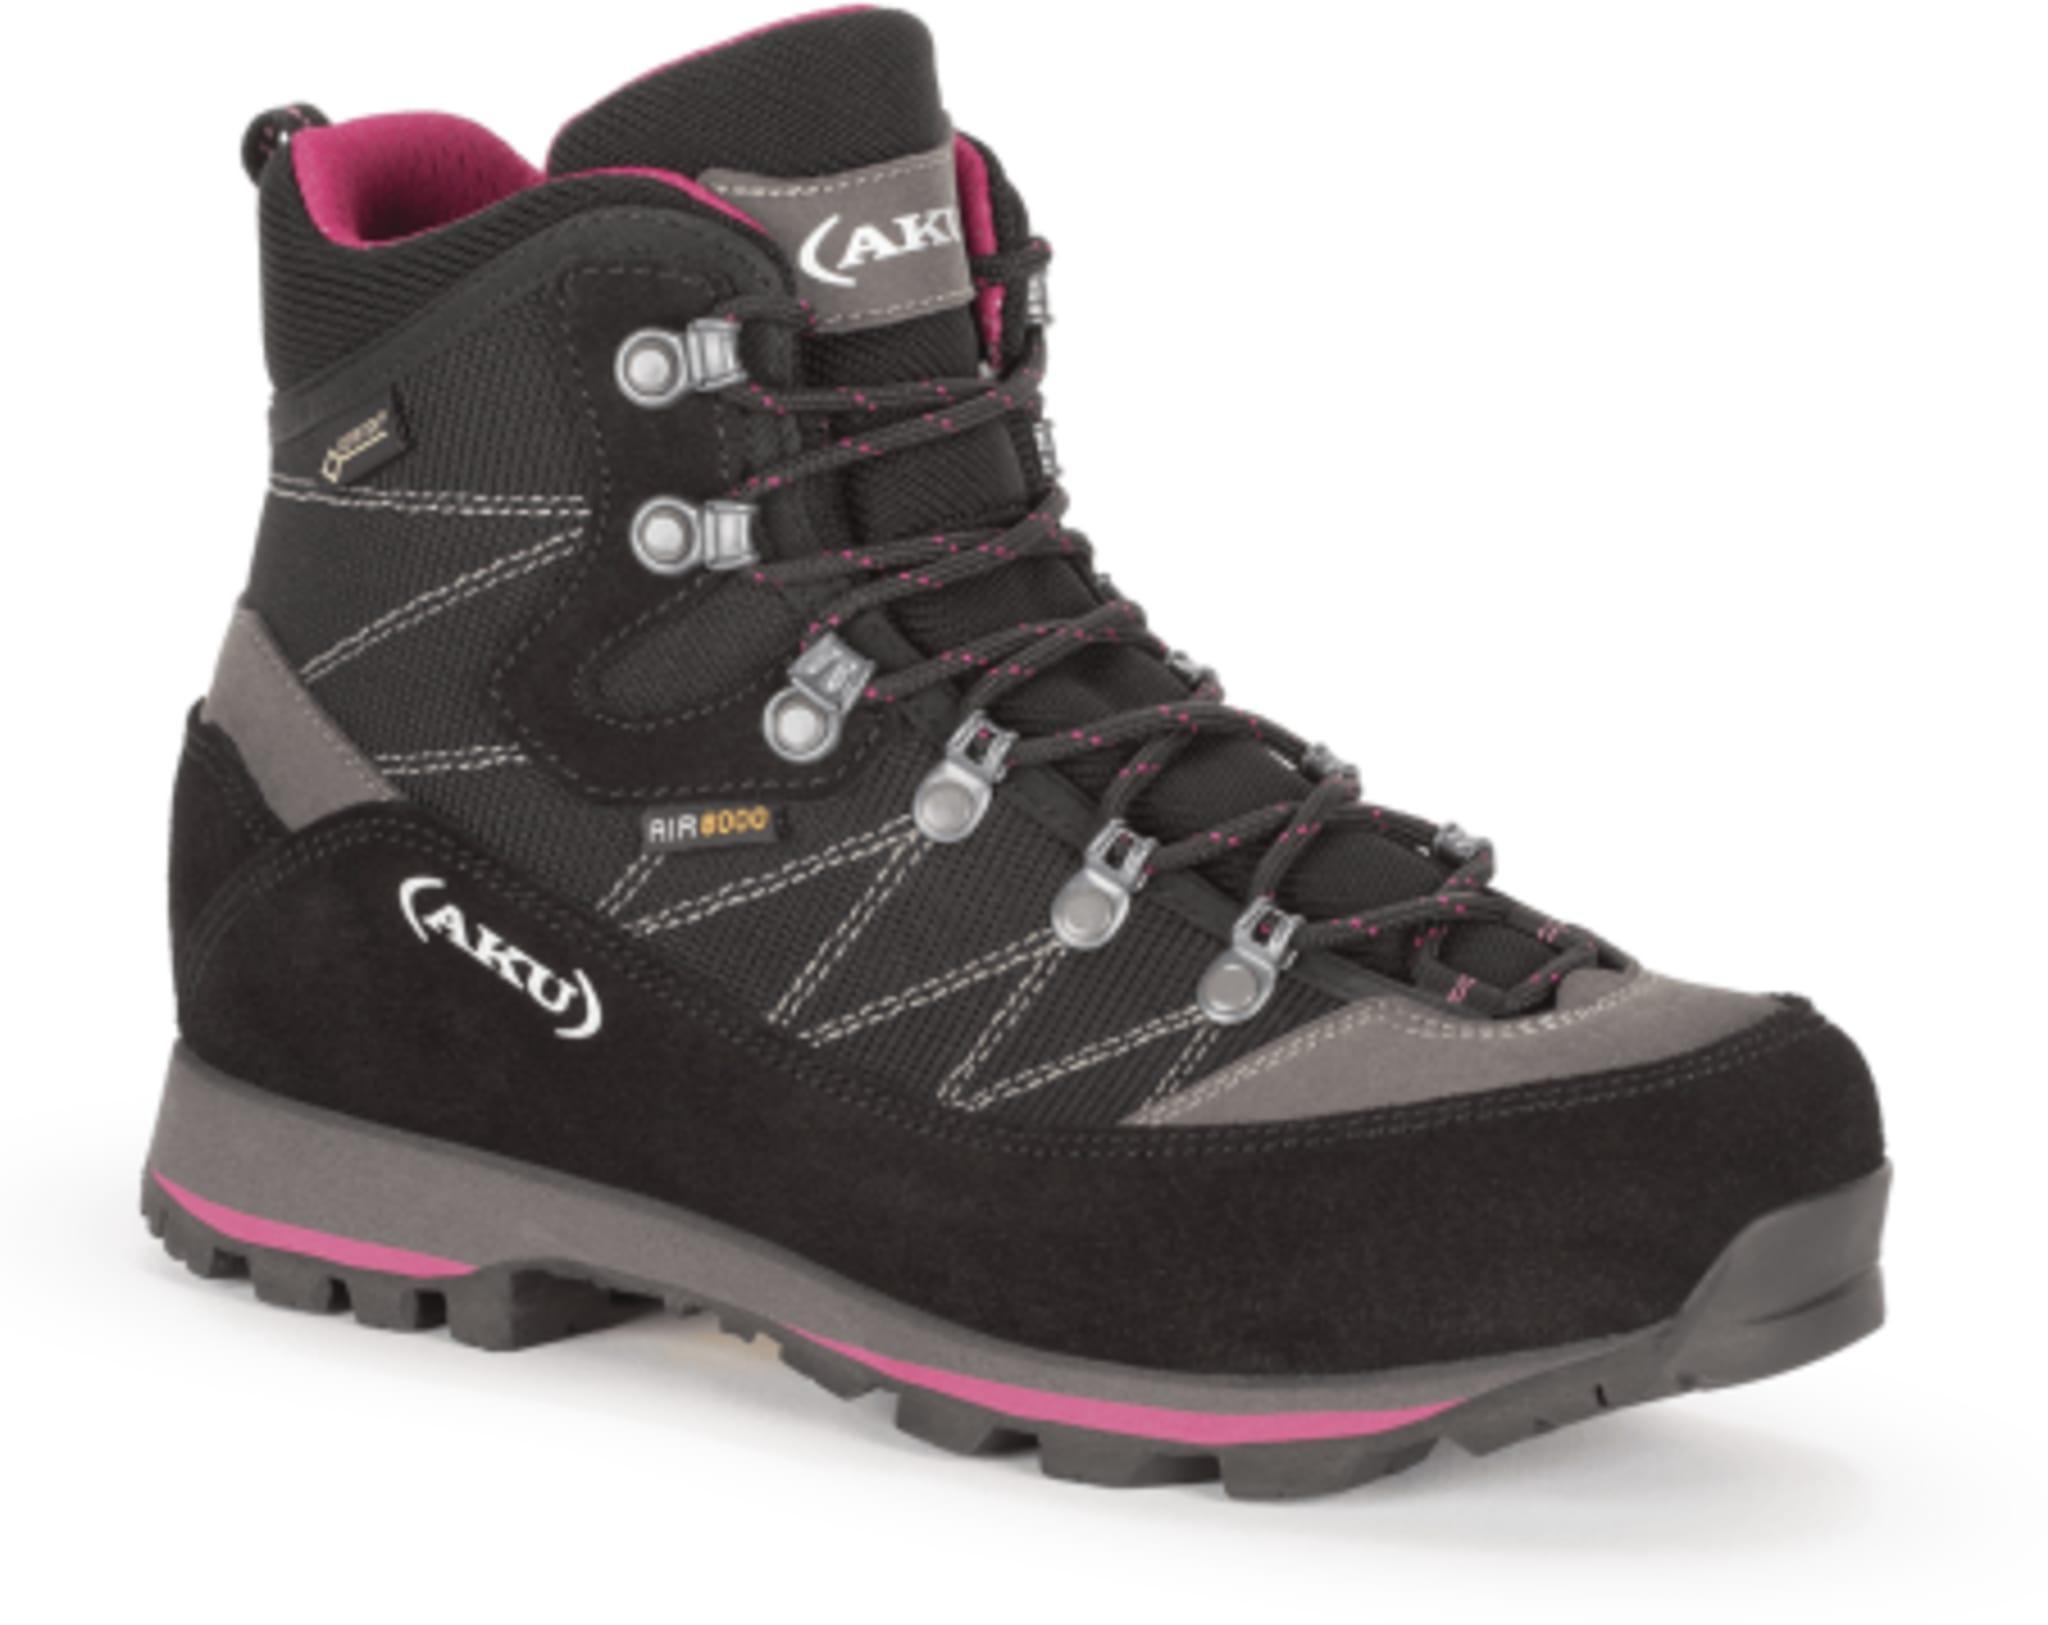 Komfortabel og vanntett sko til dagsturer eller andre turer med lett sekk